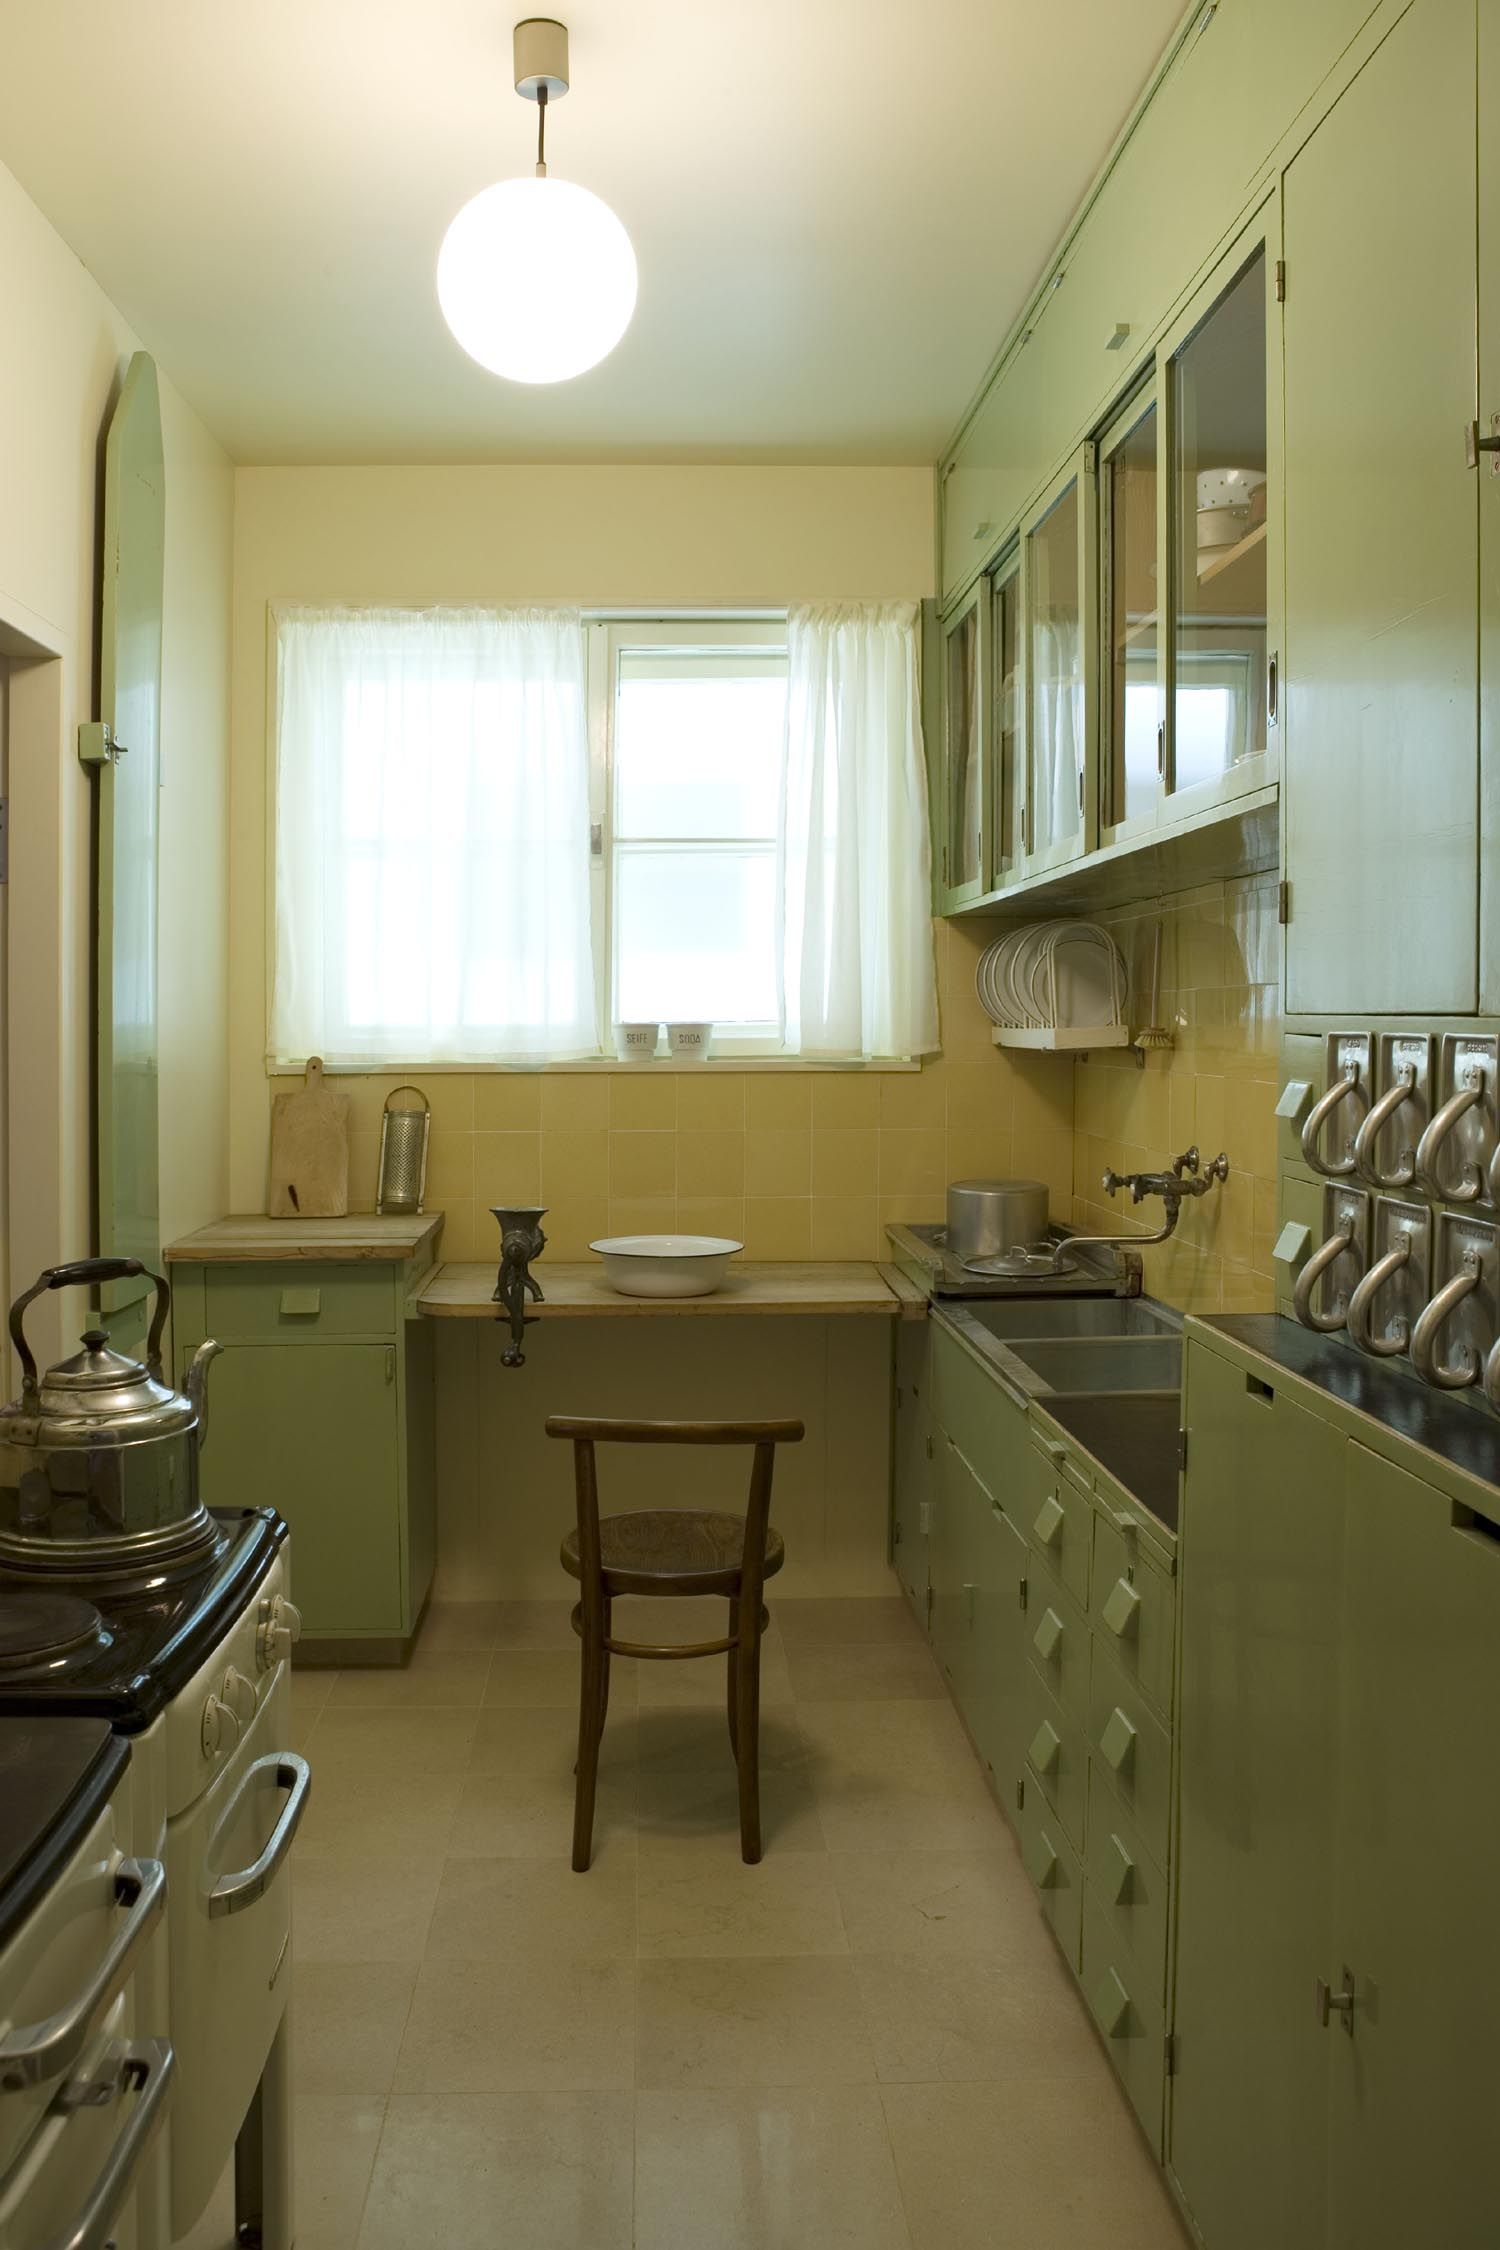 Frankfurt kitchen margarete sch tte lihotzky 1926 the for Design museum frankfurt